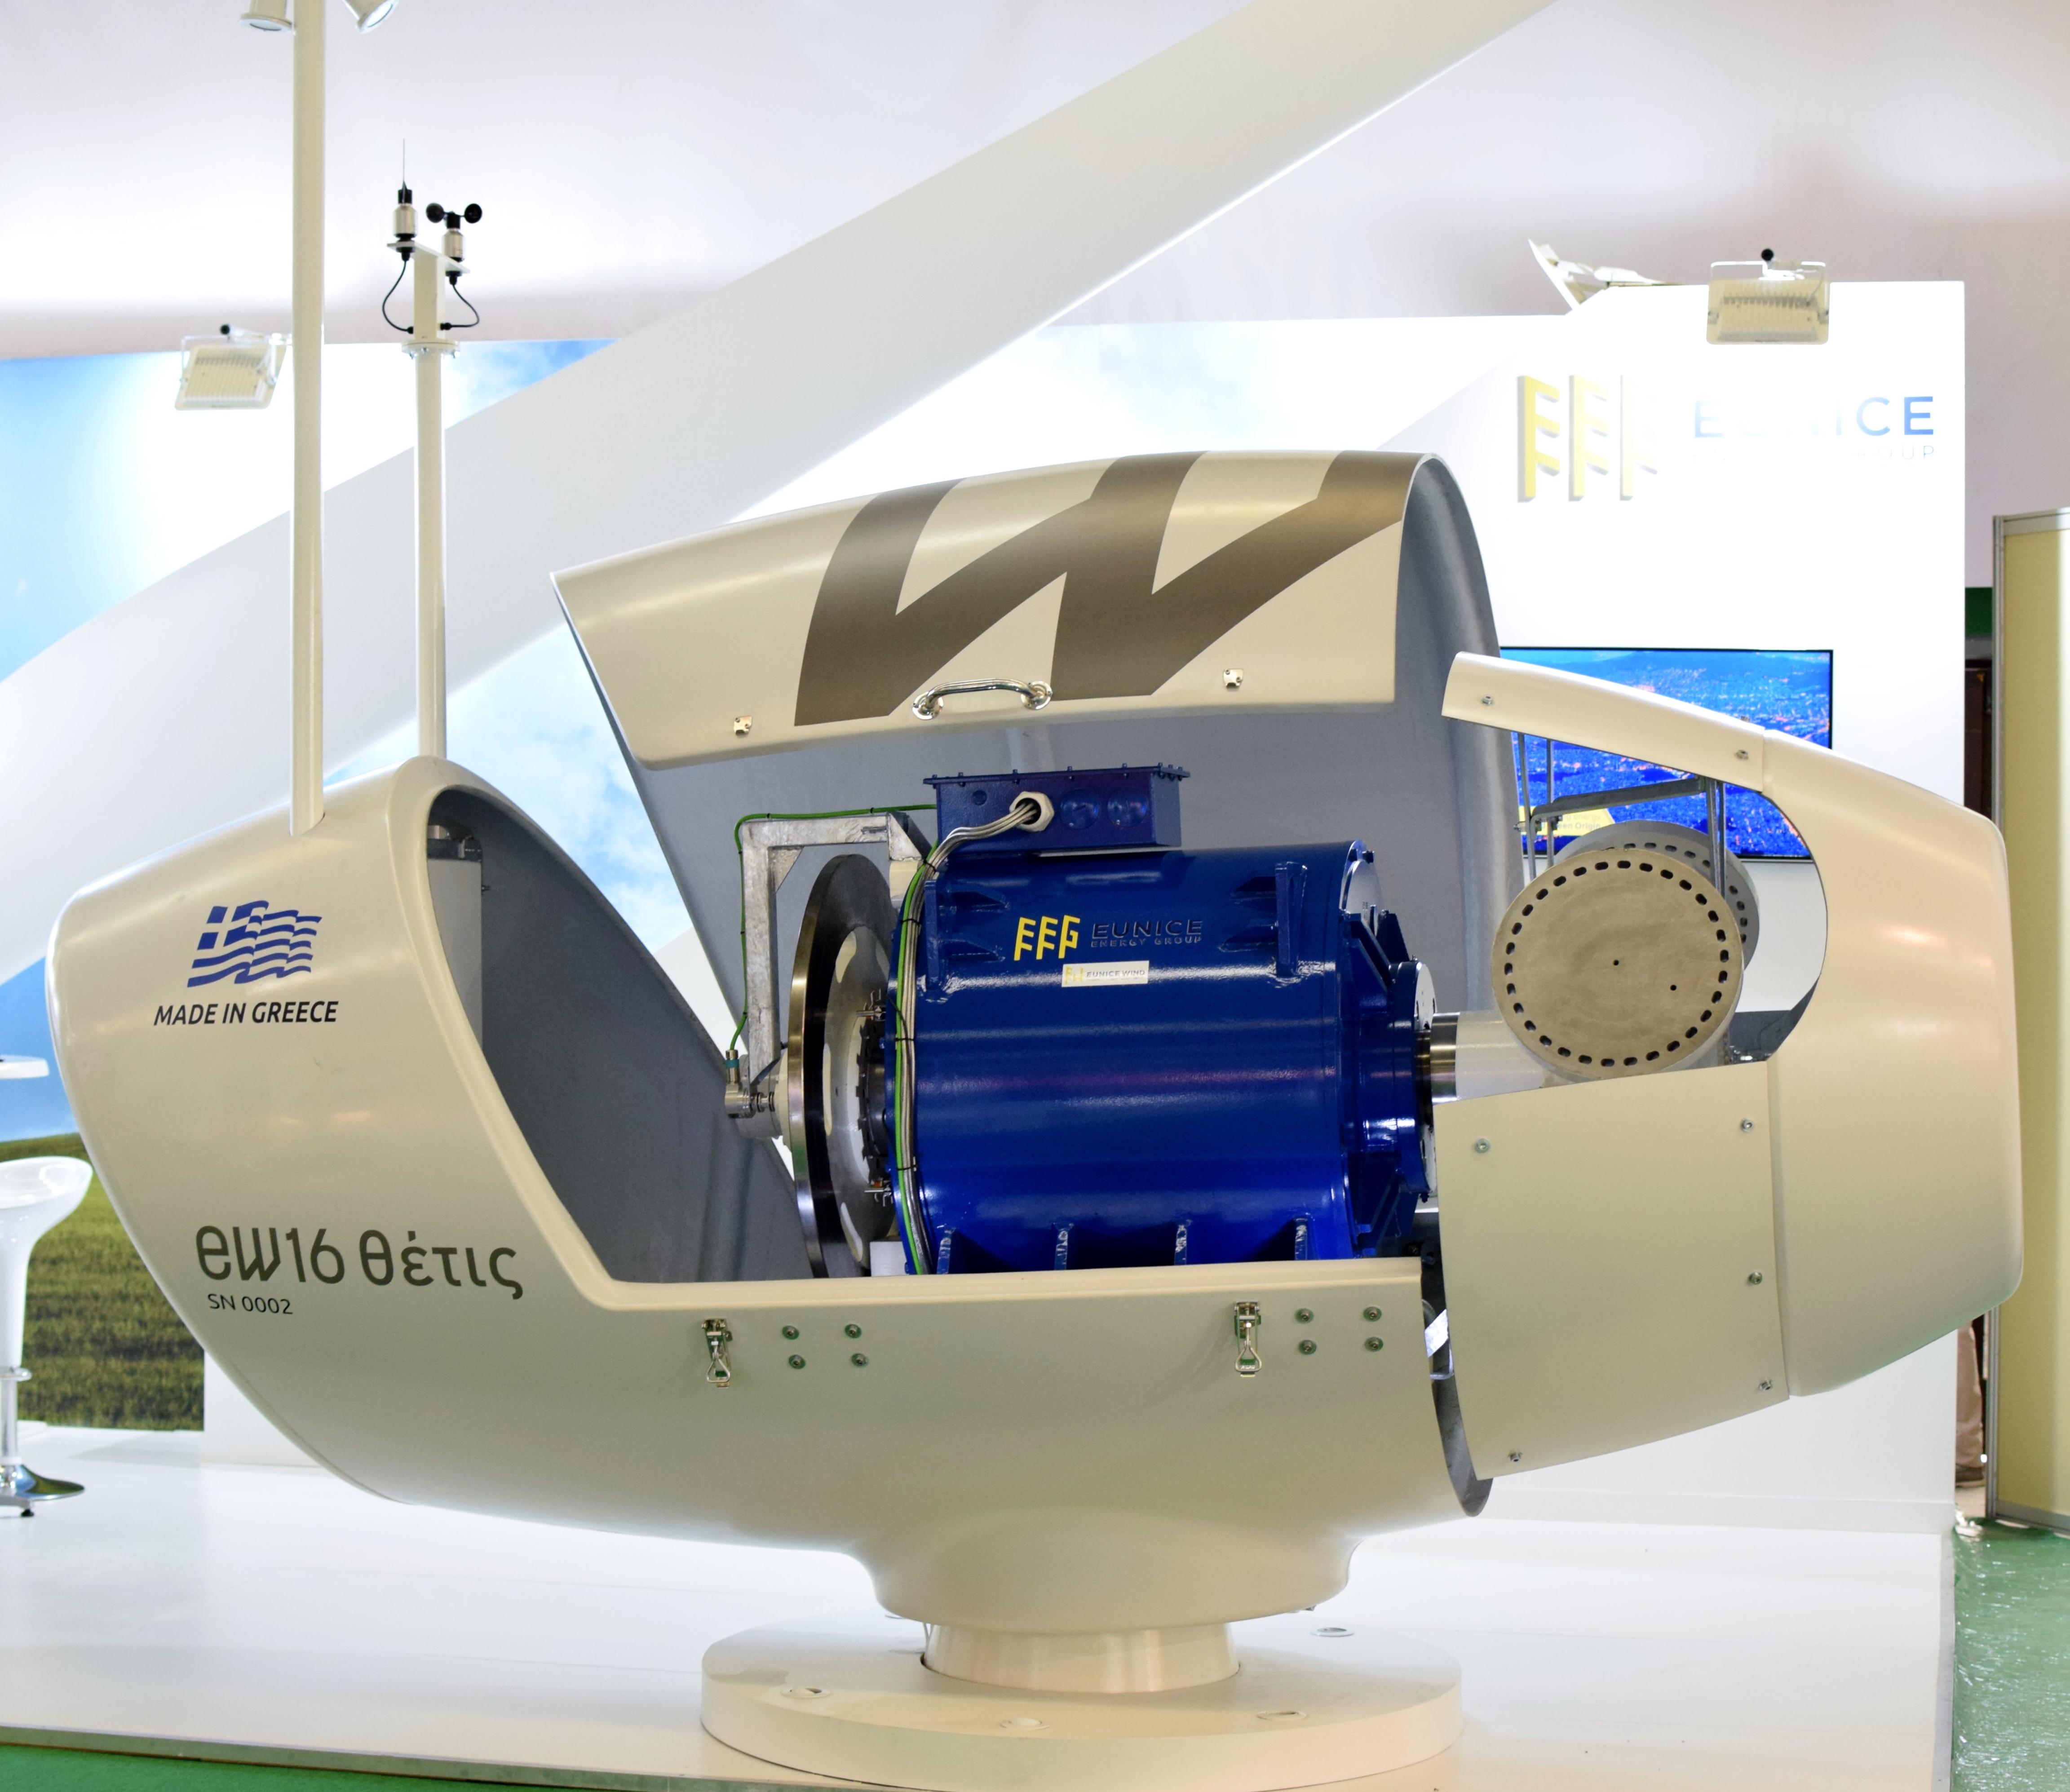 Η EW16 Θέτις, ισχύος 50 κιλοβάτ, ενσωματώνει σύγχρονη τεχνολογία με στόχο τη μέγιστη αποδοτικότητα και διάρκεια ζωής με την ελάχιστη συντήρηση και με δυνατότητα προσαρμογής στις τοπικές συνθήκες του σημείου εγκατάστασης (θάλασσα, βουνό, ένταση ανέμων κλπ.)